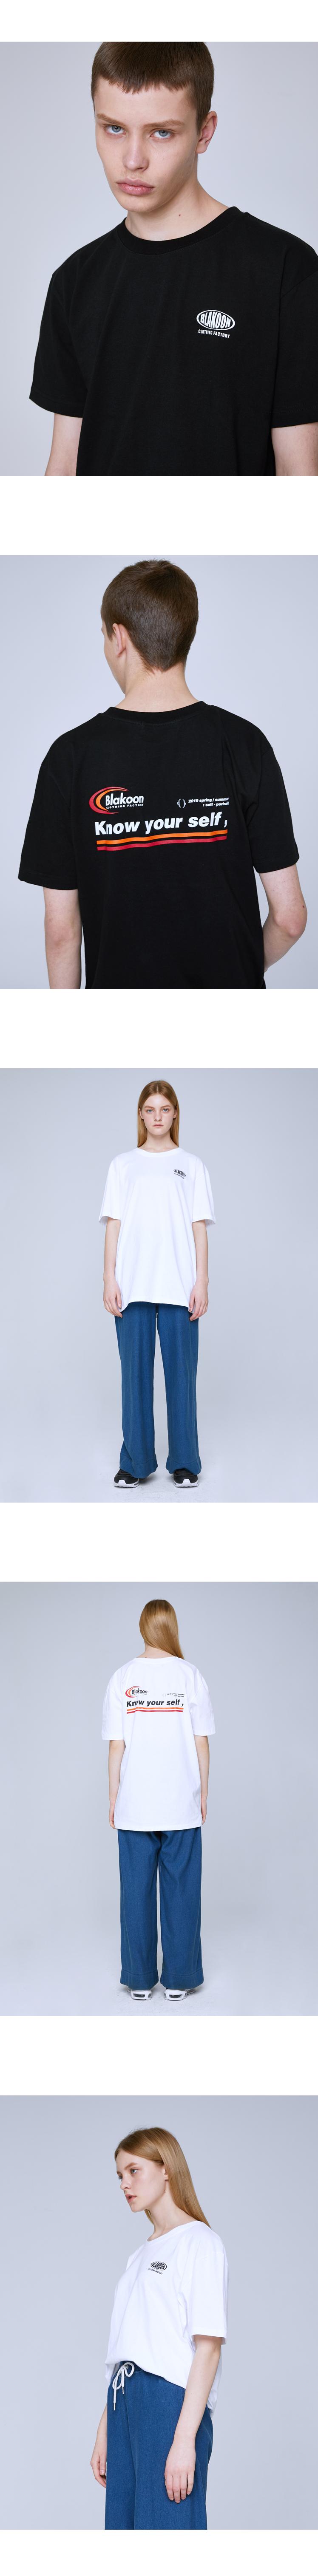 노우-유얼-셀프-티셔츠_02.jpg